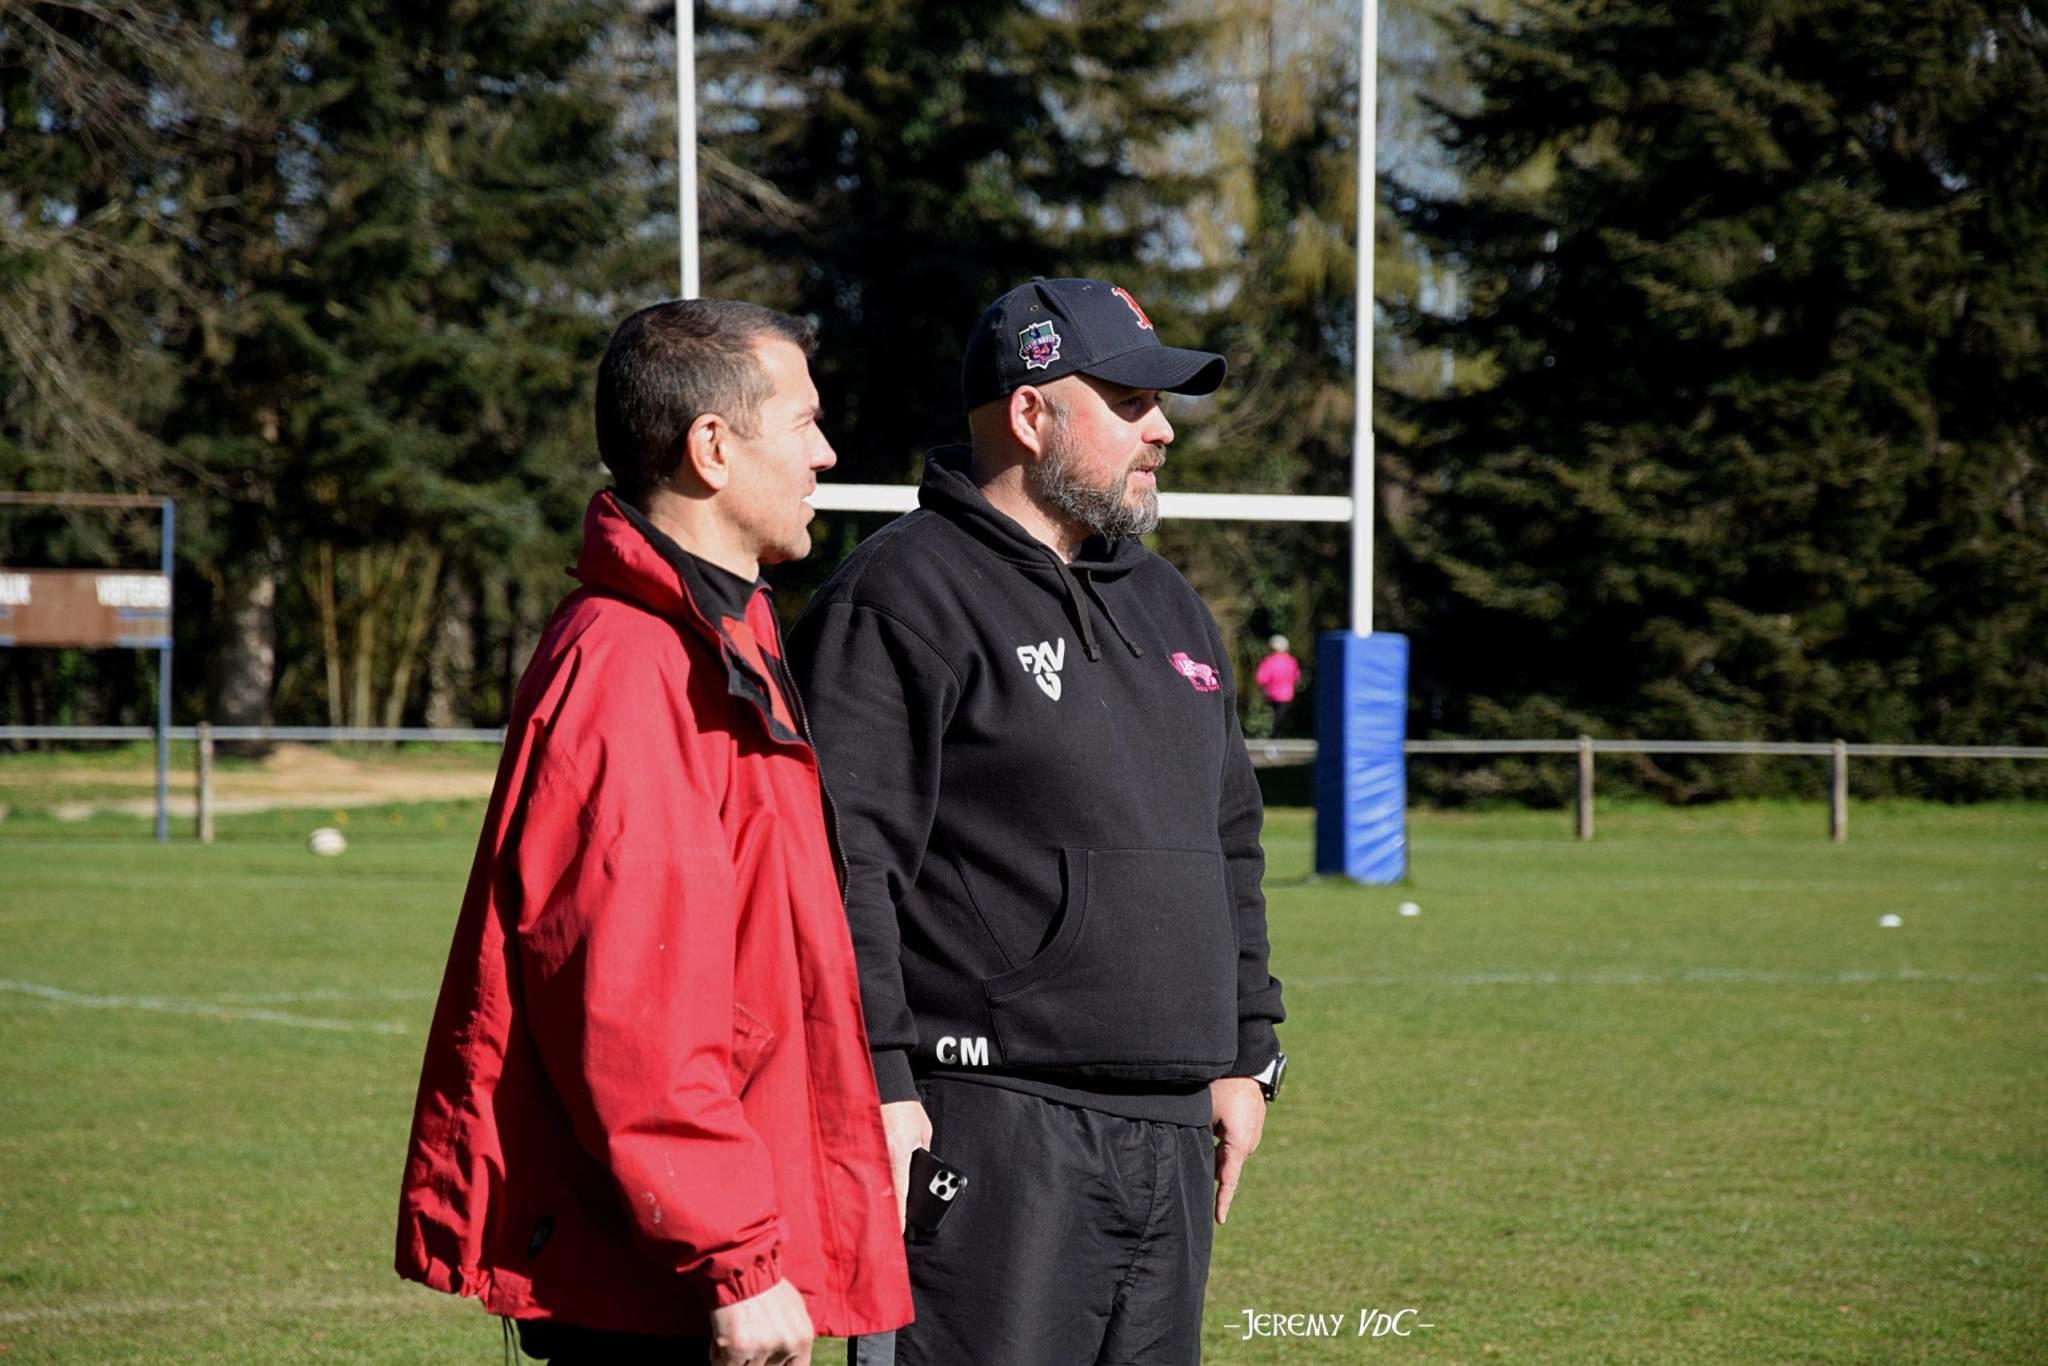 Anthony Dumas (à gauche), a décidé de continuer au Limoges EC en compagnie de Christophe Masboeuf malgré les contacts avec le RCPSY (crédits photo Jeremy VdC)